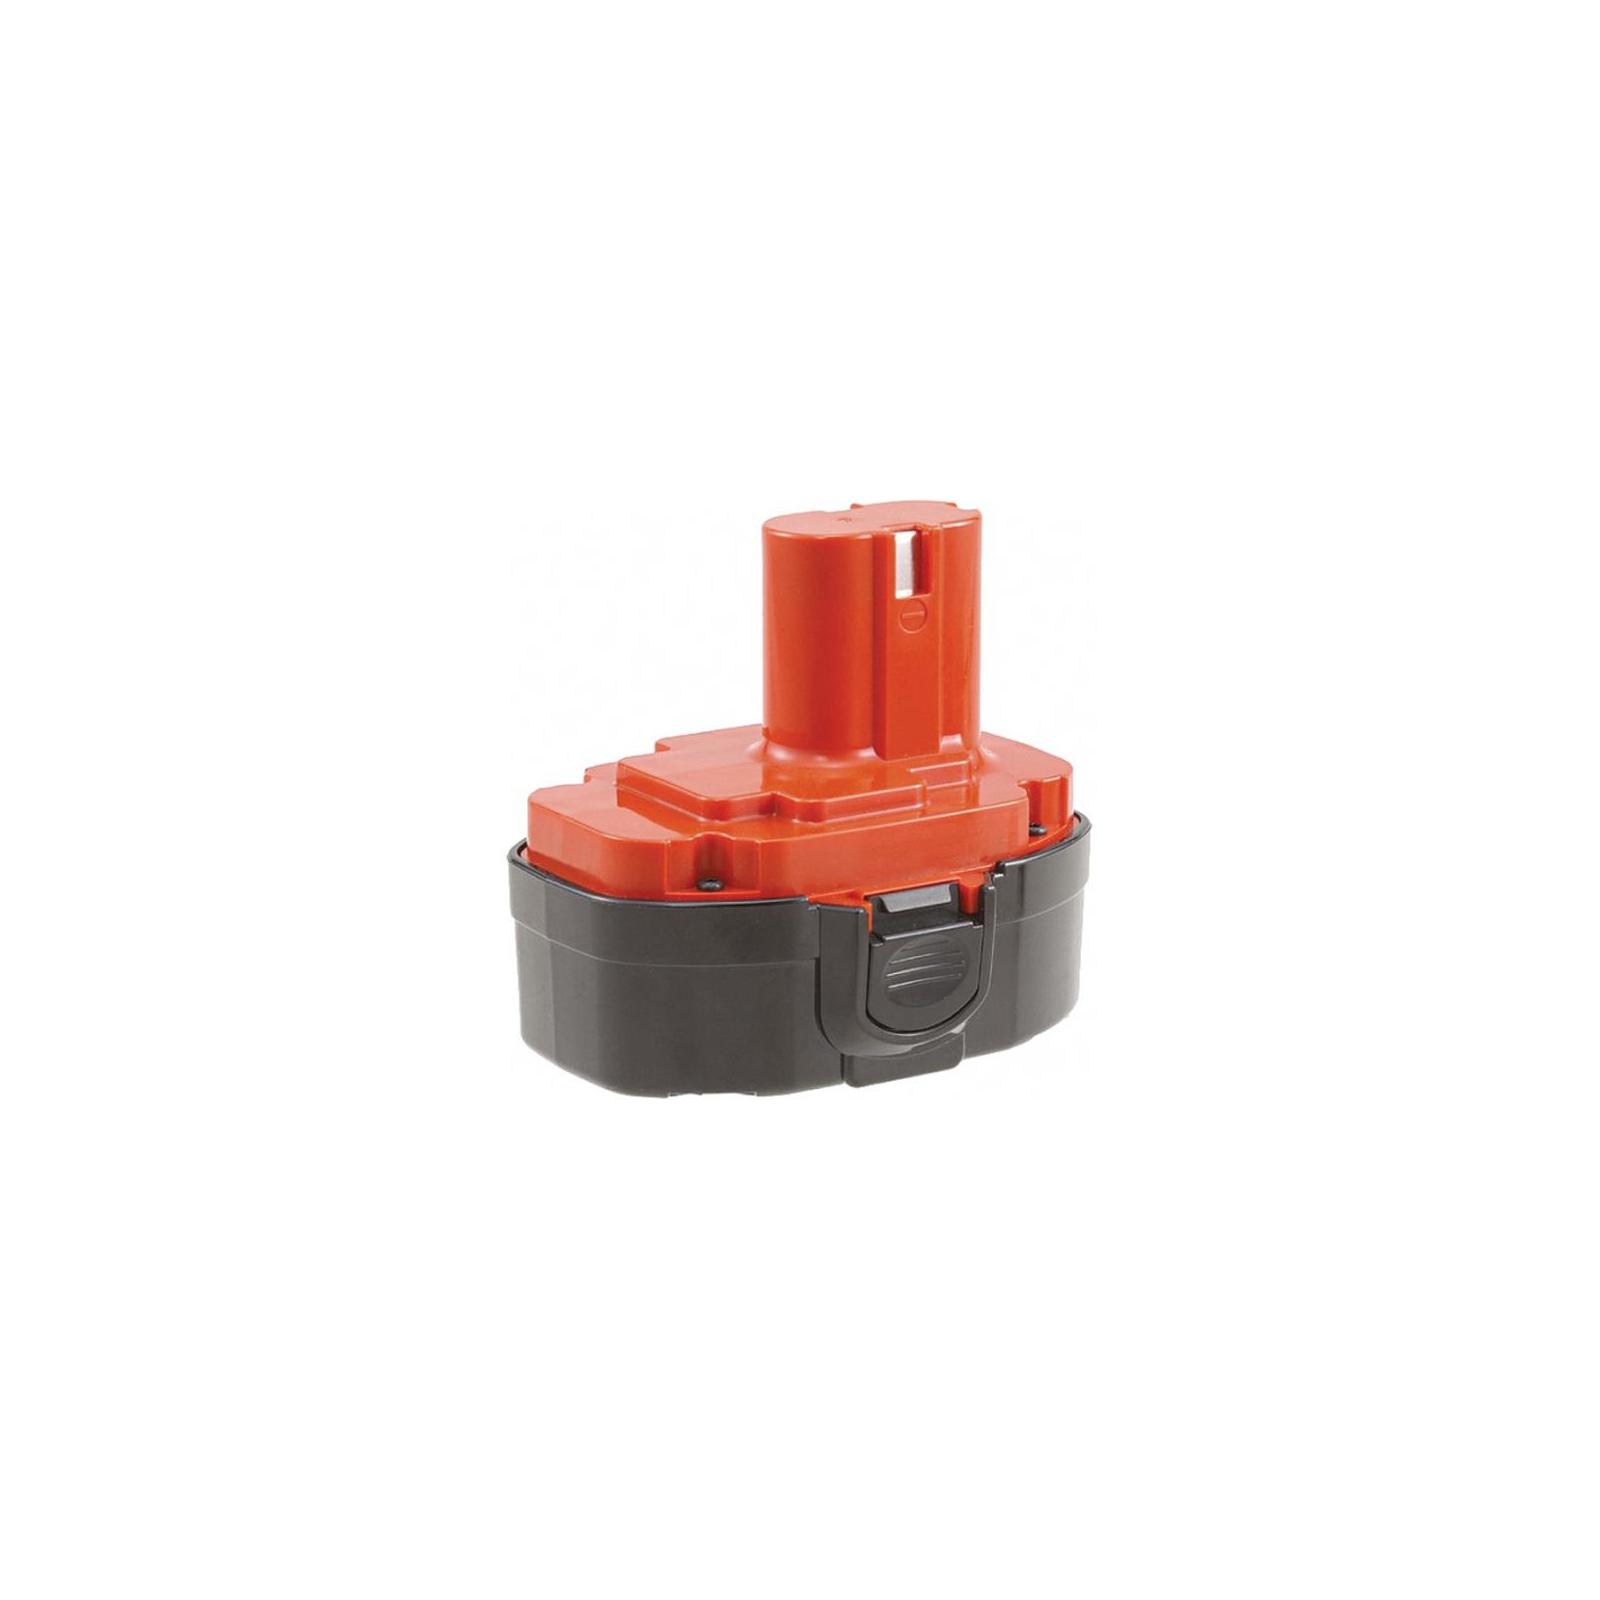 Аккумулятор к электроинструменту Makita Ni-Cd 18В/1,3Ач Maktec (638224-4)